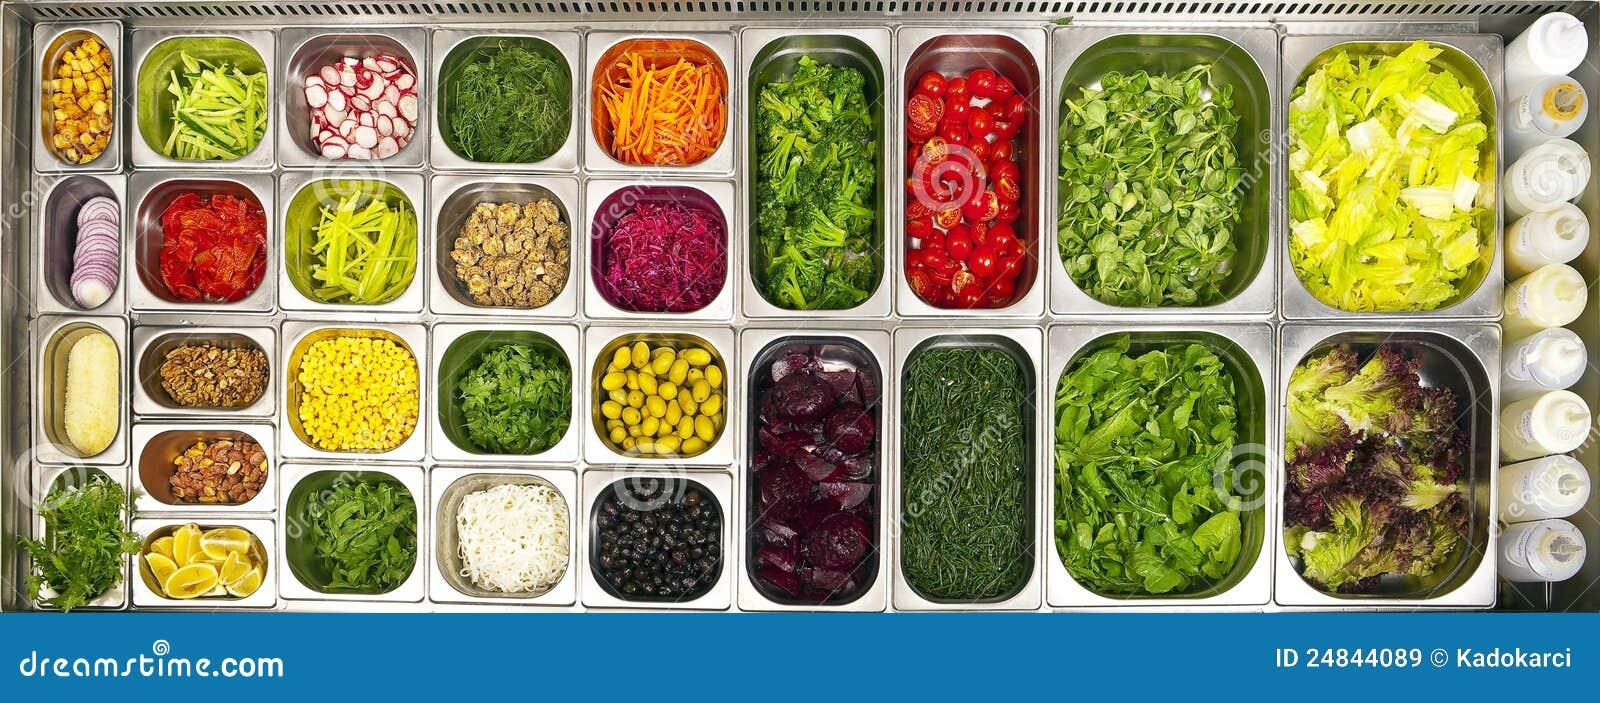 Apra la barra di insalata del buffet immagine stock for Disegni della barra del garage